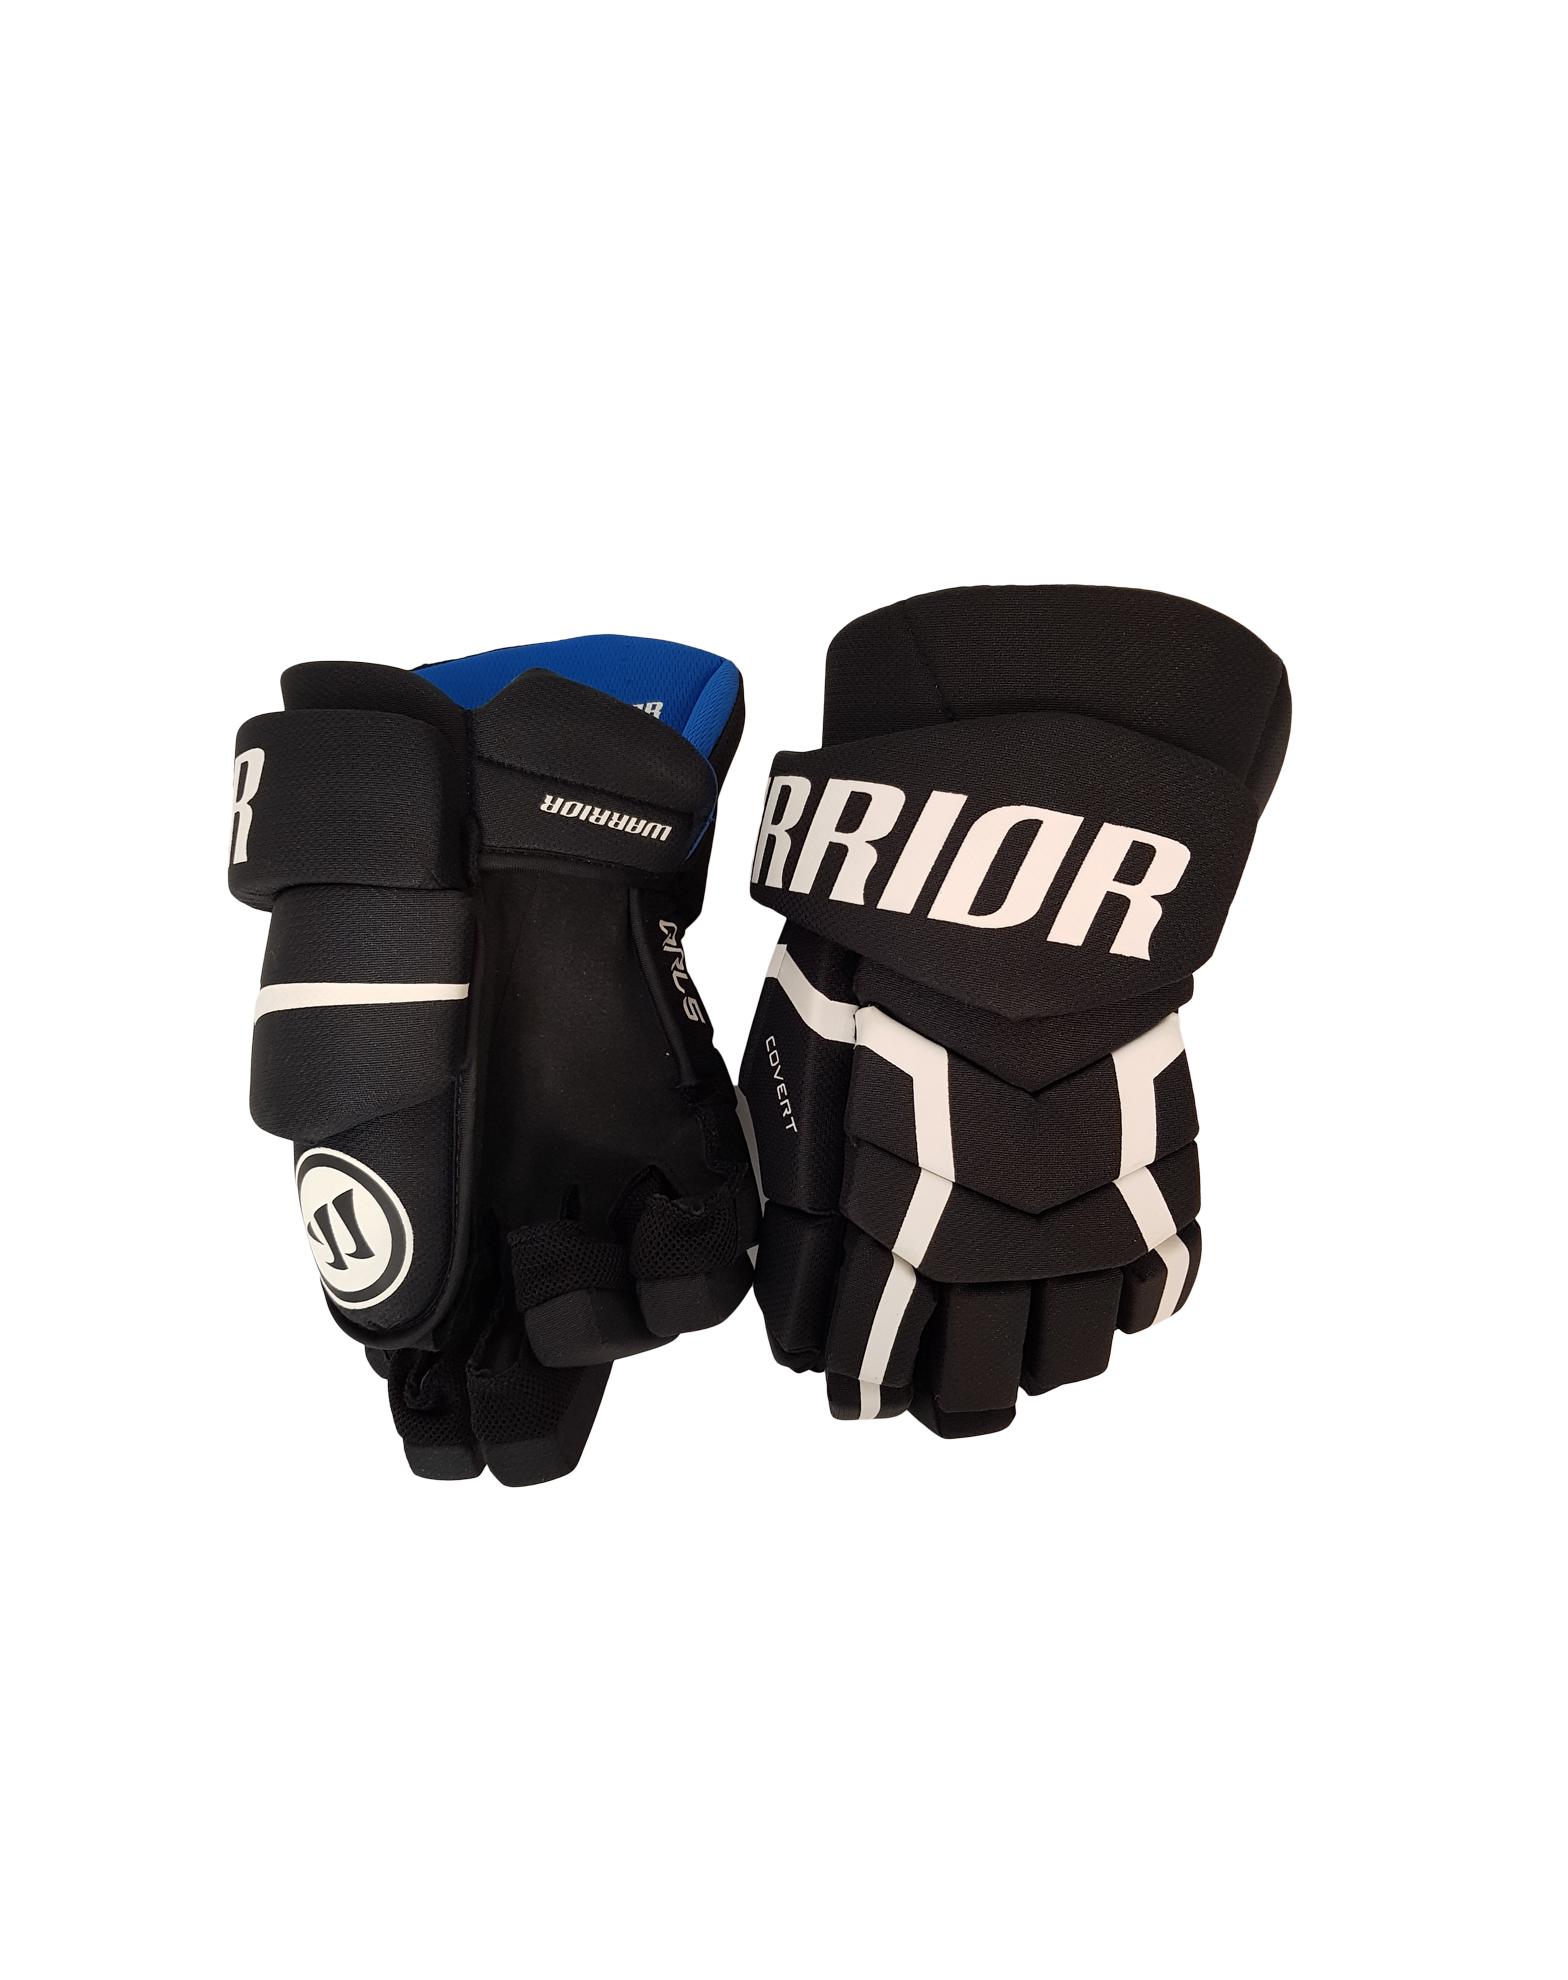 WARRIOR Covert QRL5 Senior Ice Hockey Gloves